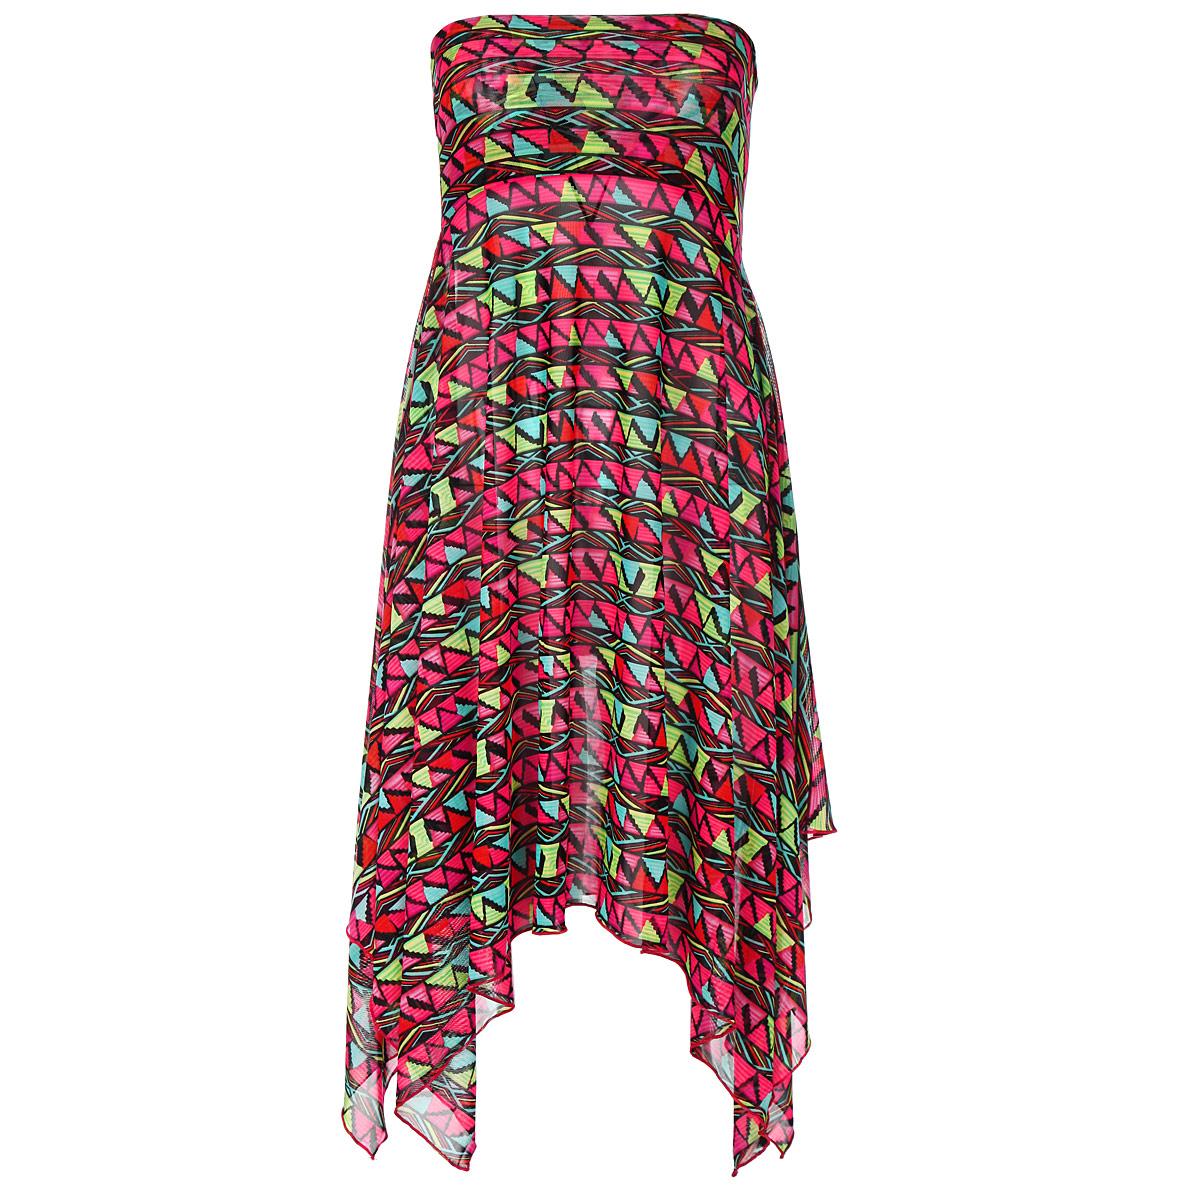 Платье-юбка Barbara Bettoni, цвет: мультицвет. BB715. Размер S (44)BB715Удобное и функциональное платье-юбка Barbara Bettoni, выполненное из сетчатого полиэстера, оформлено ярким принтовым узором. Изделие представляет собой расклешенную юбку на широком поясе с боковым разрезом по всей длине. Края модели асимметричные, что создает необычный силуэт и добавляет изысканности образу. Изделие также великолепно смотрится и как короткое платье-бандо. В сочетании с ярким купальником платье-юбка от Barbara Bettoni позволит создать стильный пляжный ансамбль, в котором вы не останетесь незамеченной! Новая коллекция пляжной одежды от марки Barbara Bettoni отражает мировые тенденции пляжной моды и выступает прекрасным дополнением к коллекции купальников Barbara Bettoni Moda Di Mare.